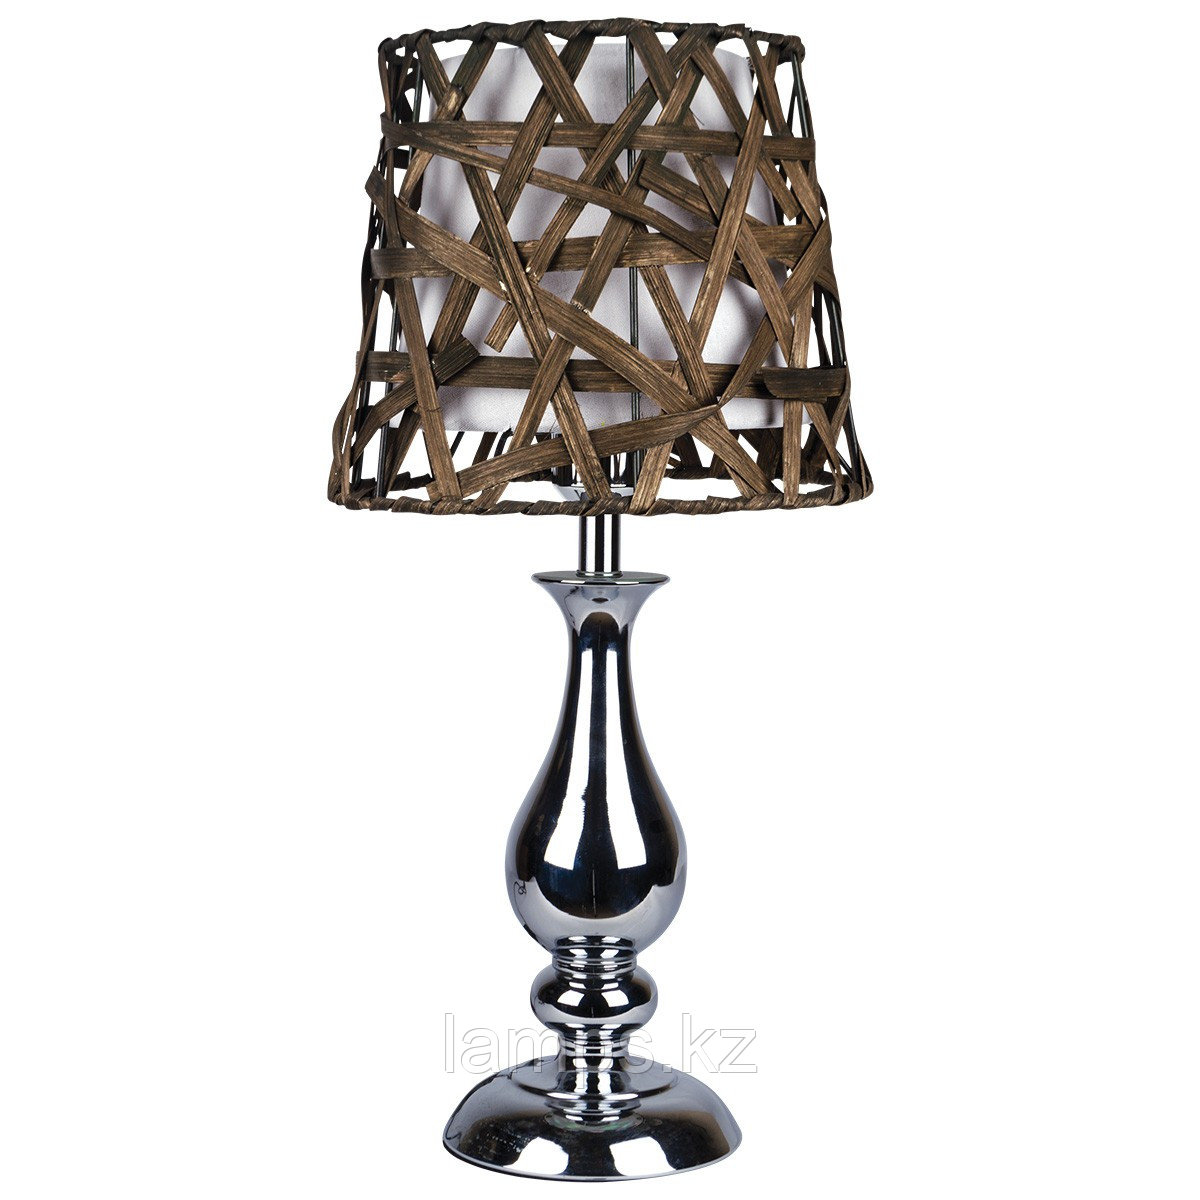 Настольная лампа T0022 BAMBOO